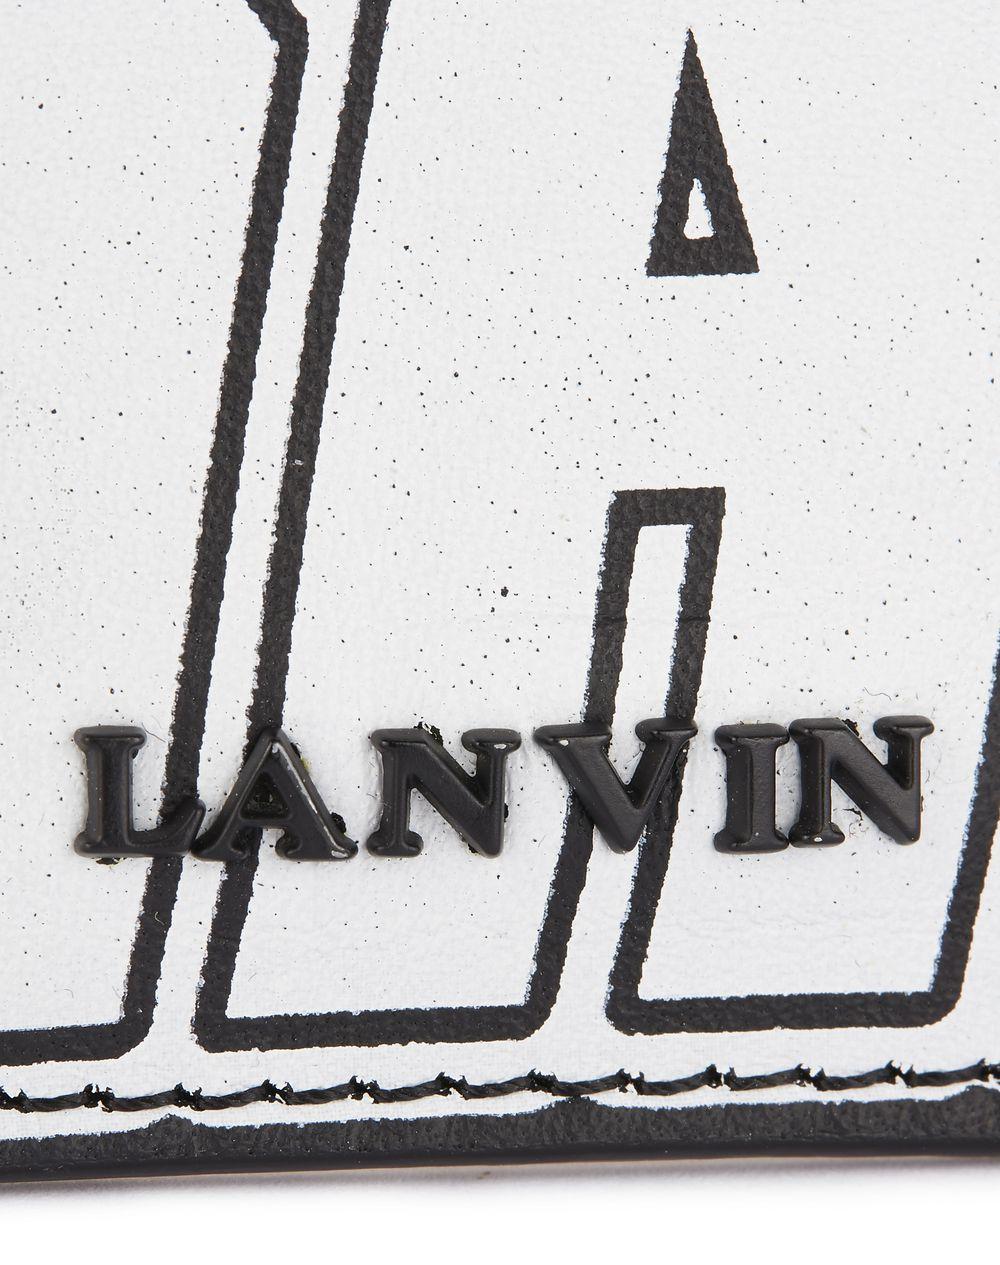 LANVIN LOGO CARD HOLDER - Lanvin